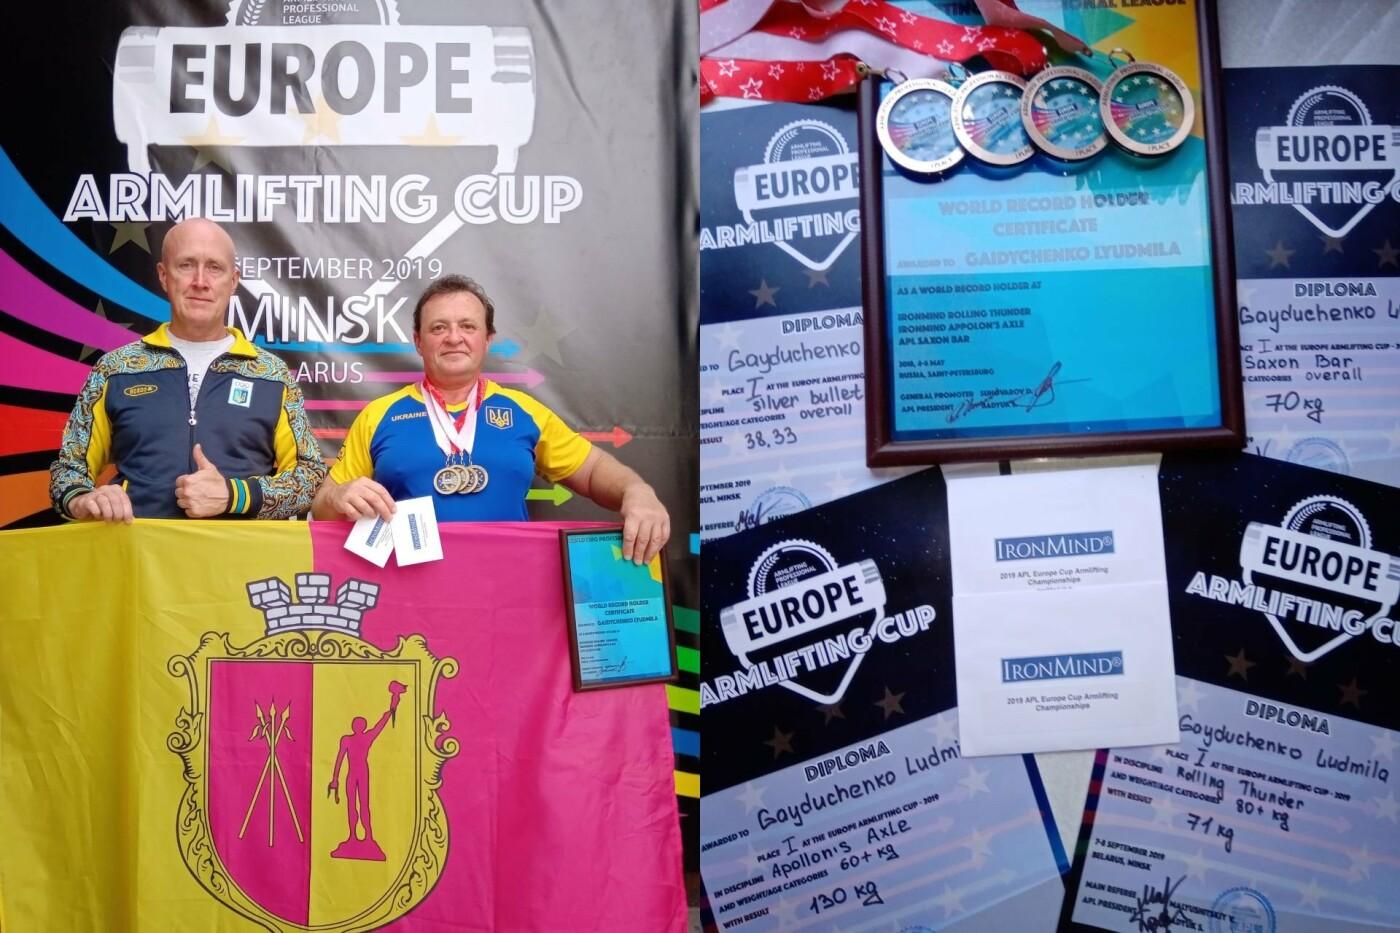 Установила три мировых рекорда: каменчанка стала четырехкратной чемпионкой Кубка Европы поармлифтингу, фото-2